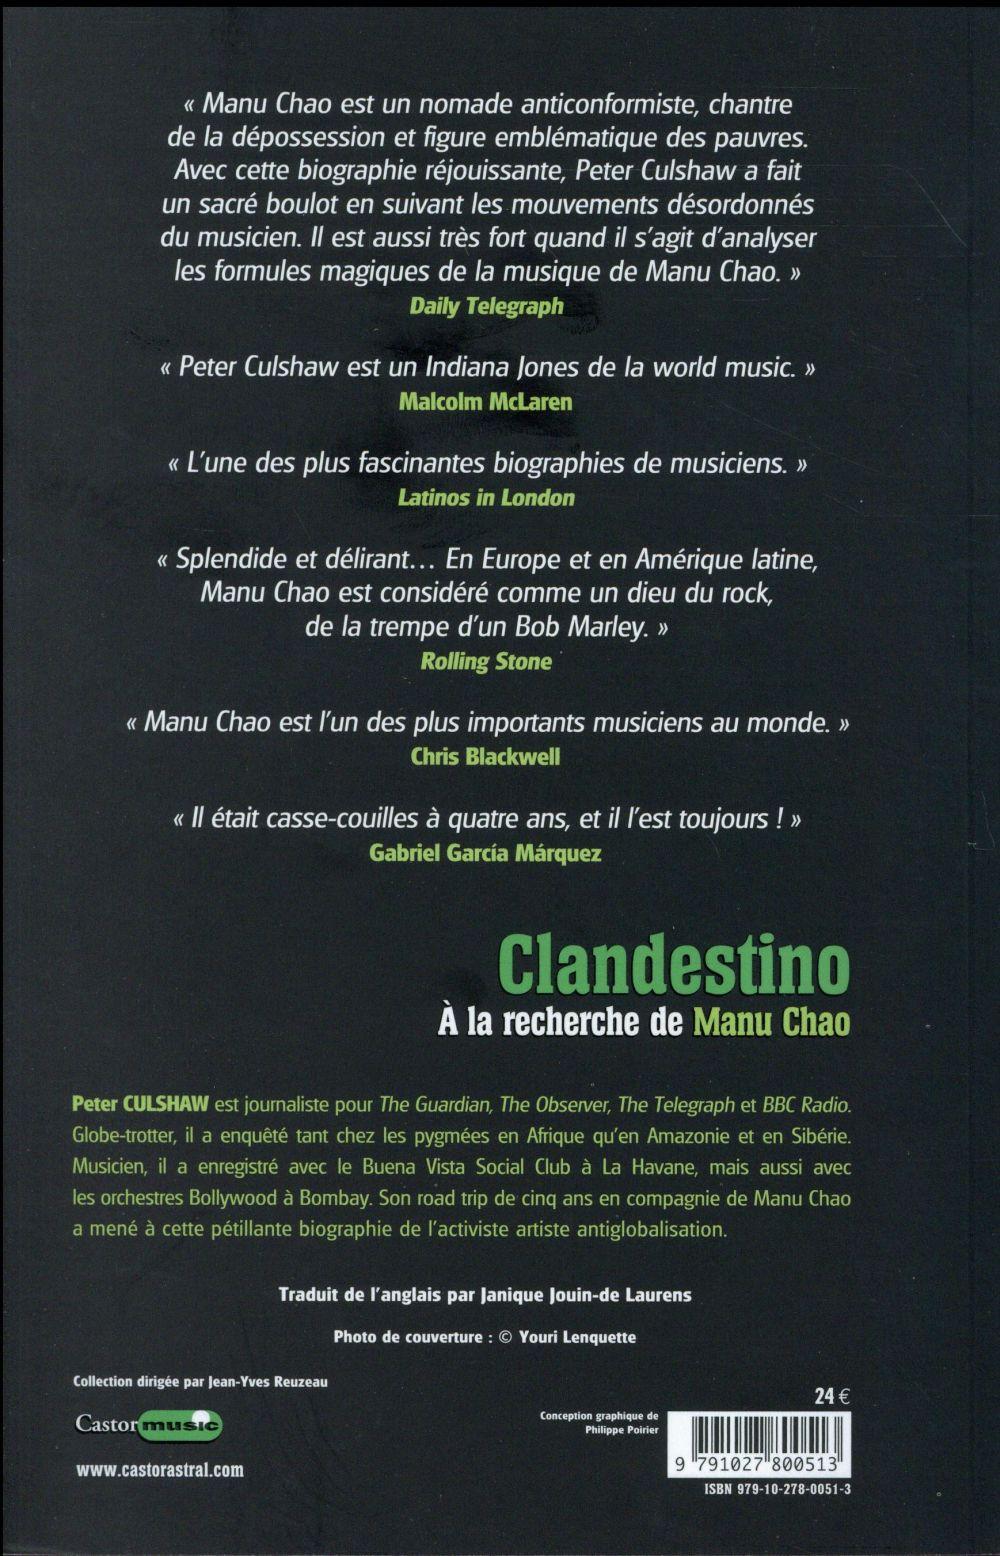 Clandestino ; à la recherche de Manu Chao